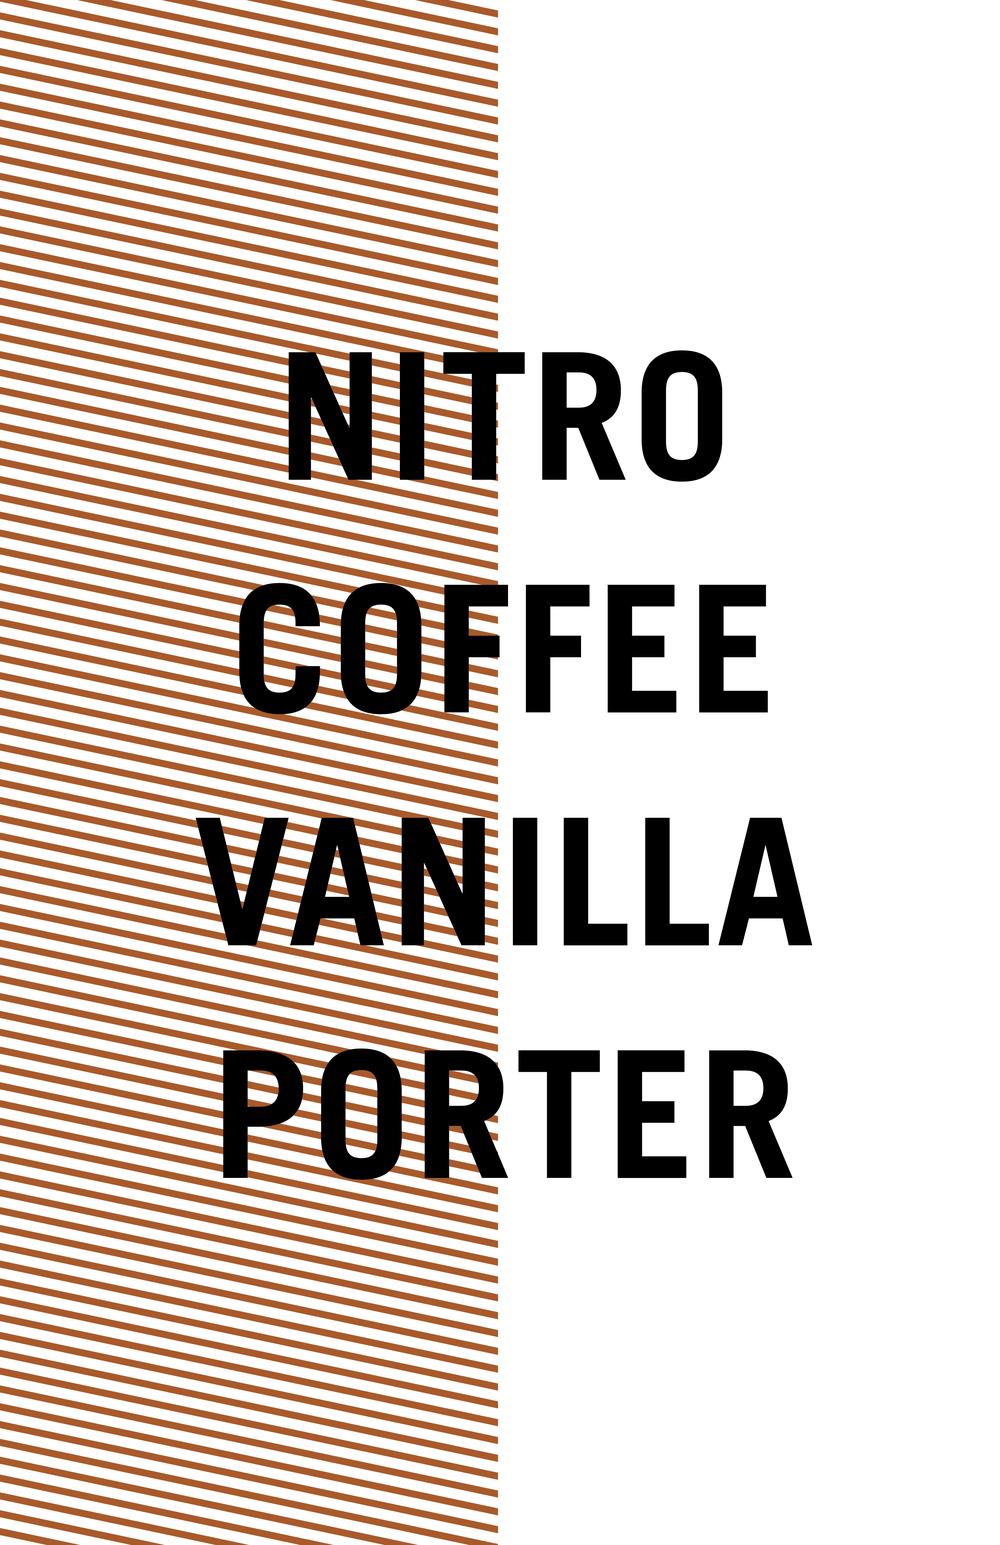 Nitro-05.png